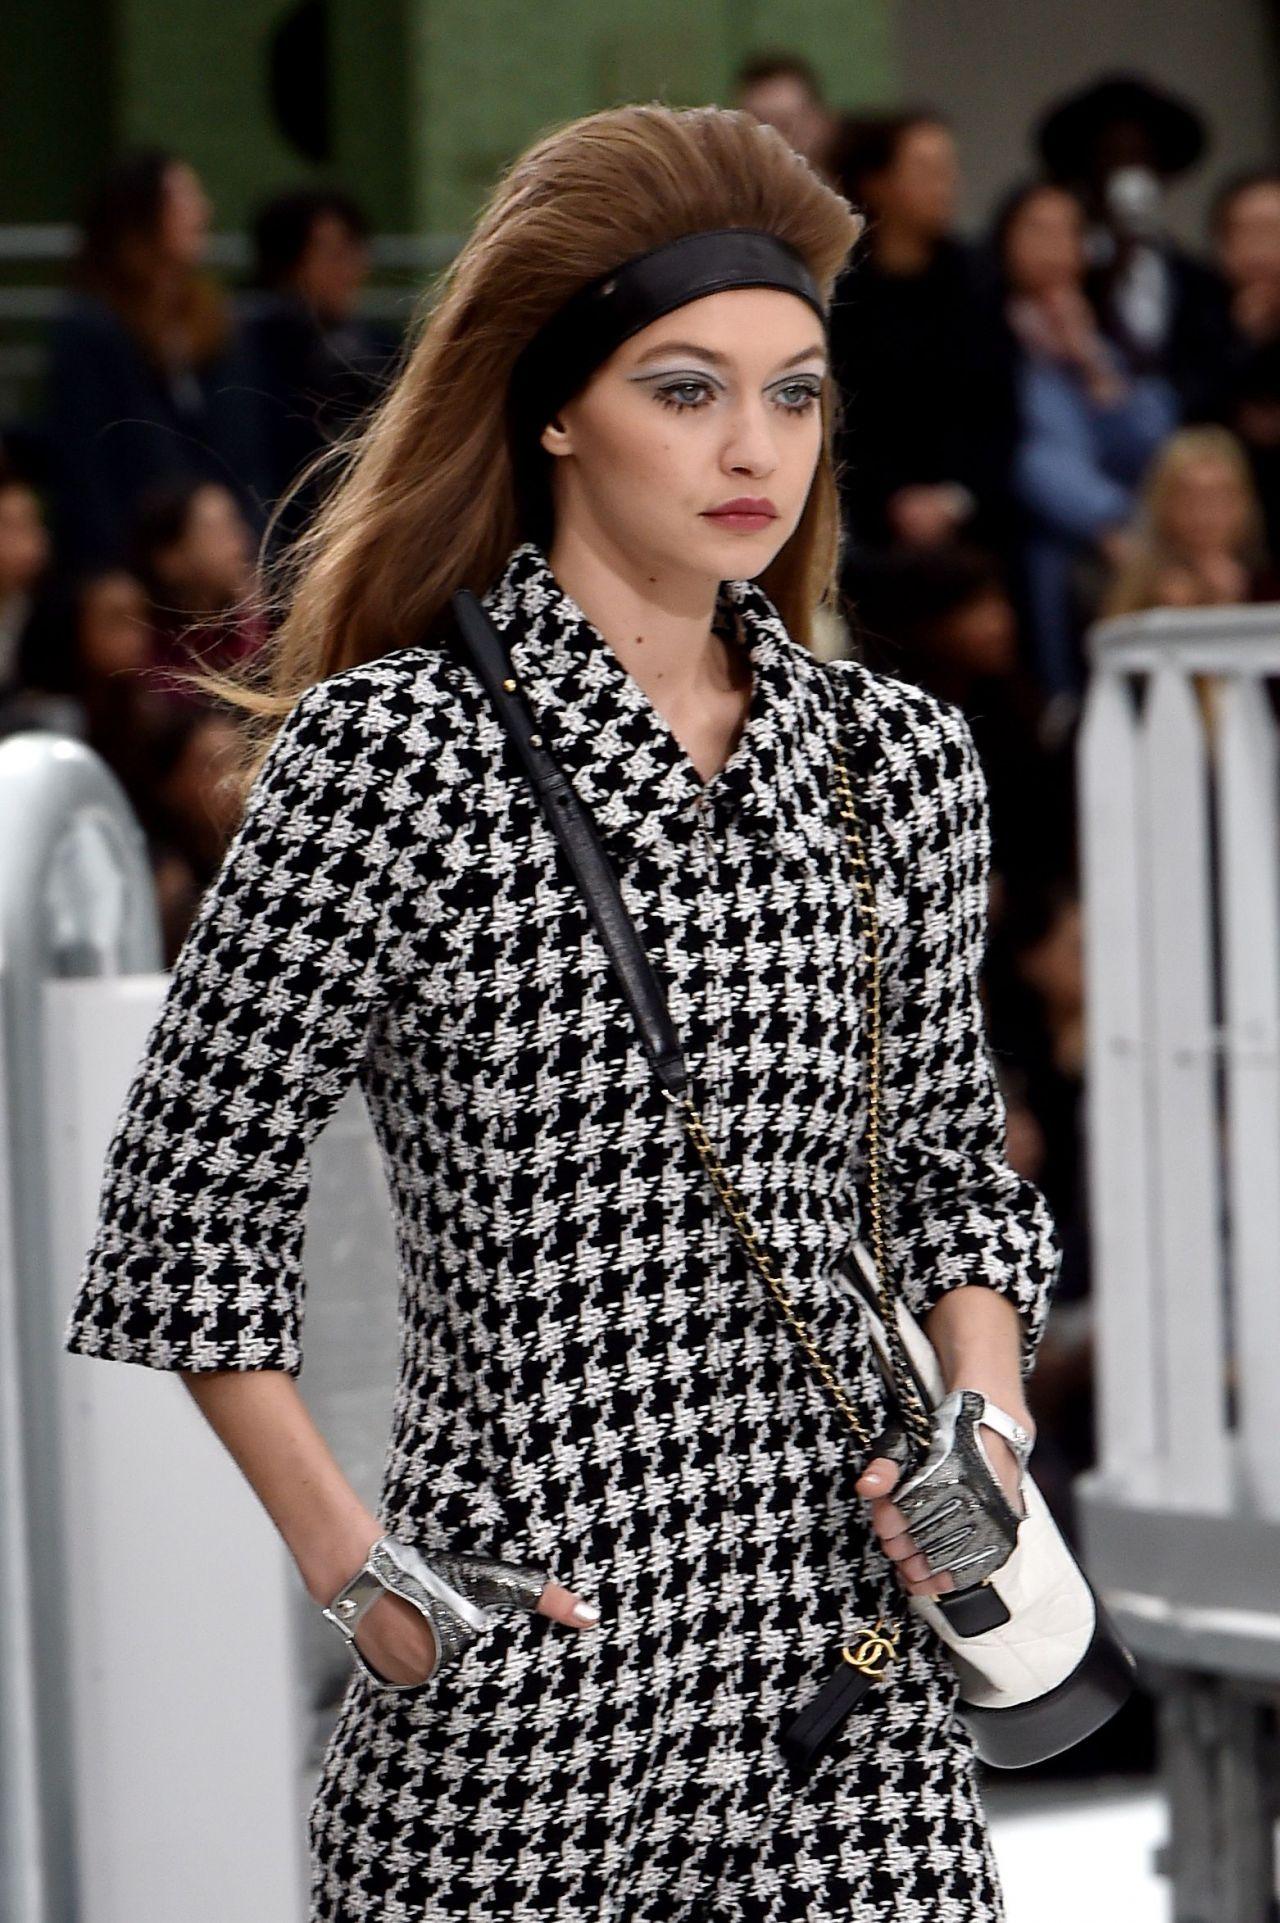 Gigi hadid walks chanel show paris fashion week 3 7 2017 for Gigi hadid fashion week